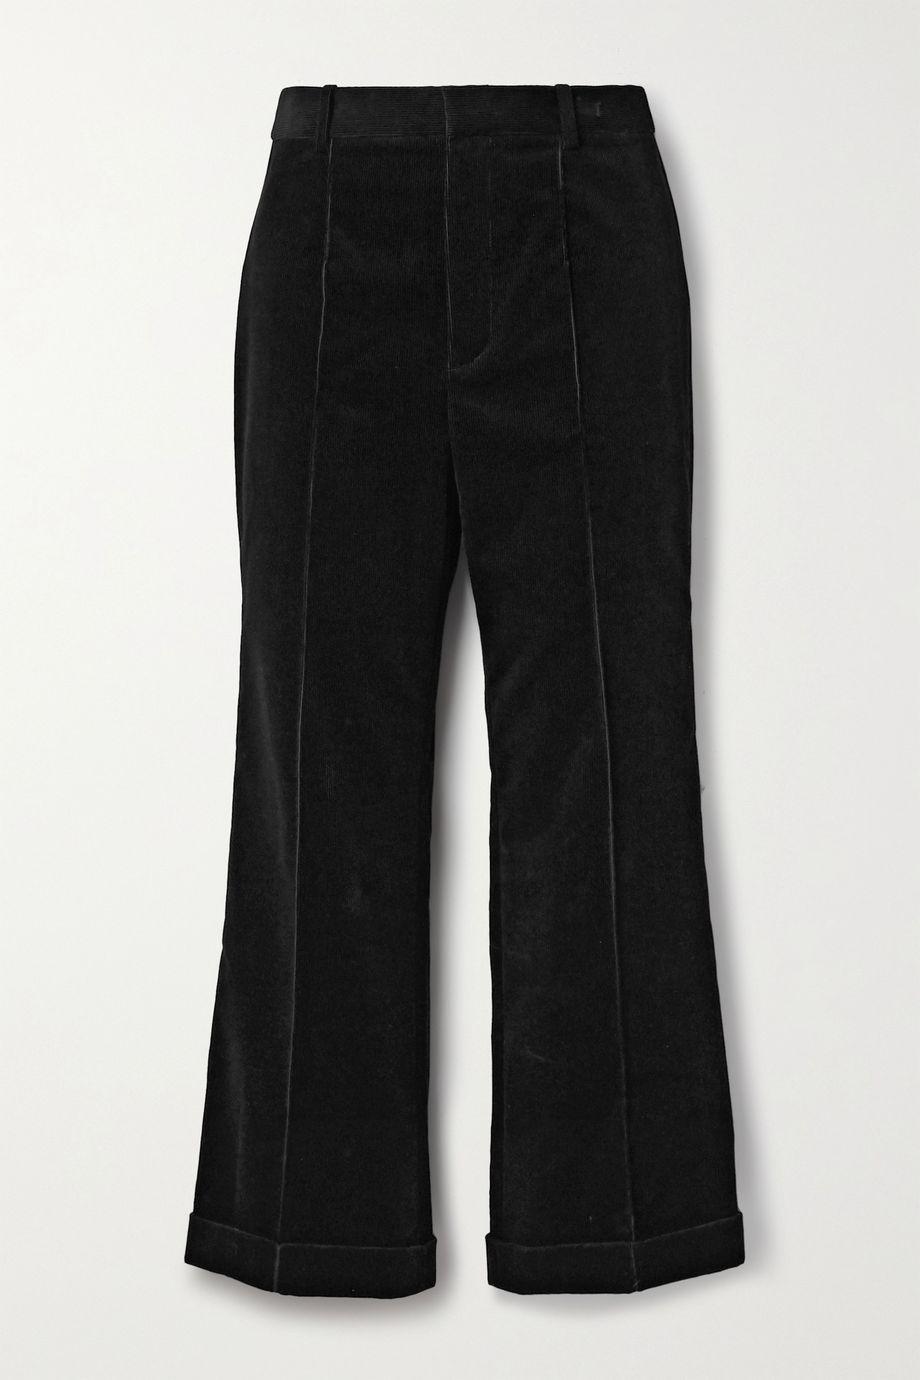 SAINT LAURENT Cotton-corduroy straight-leg pants